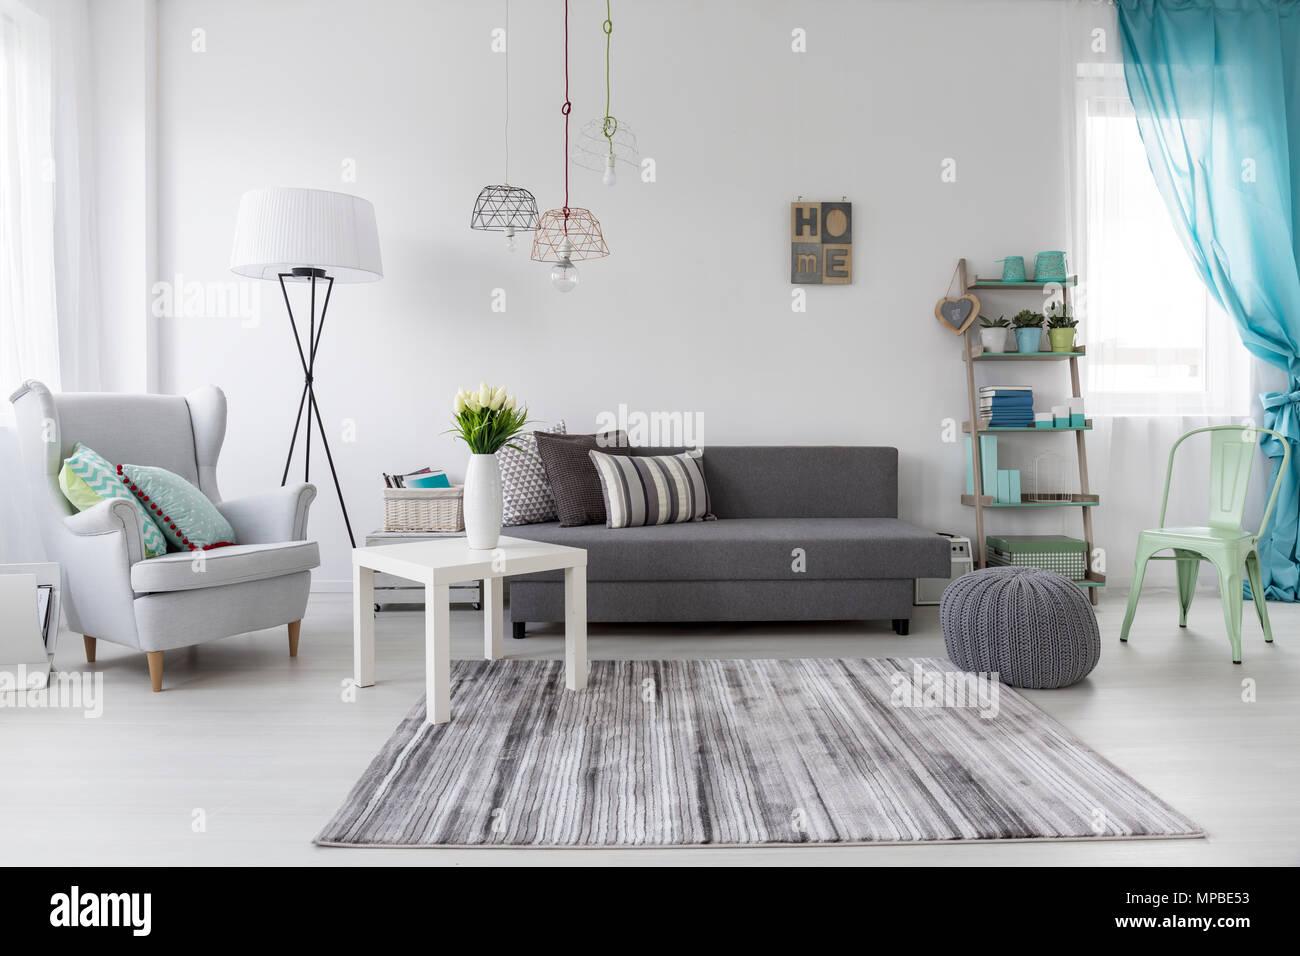 Gemütliche Weibliche Zimmer Interieur Mit Pastell Mint Dekorationen